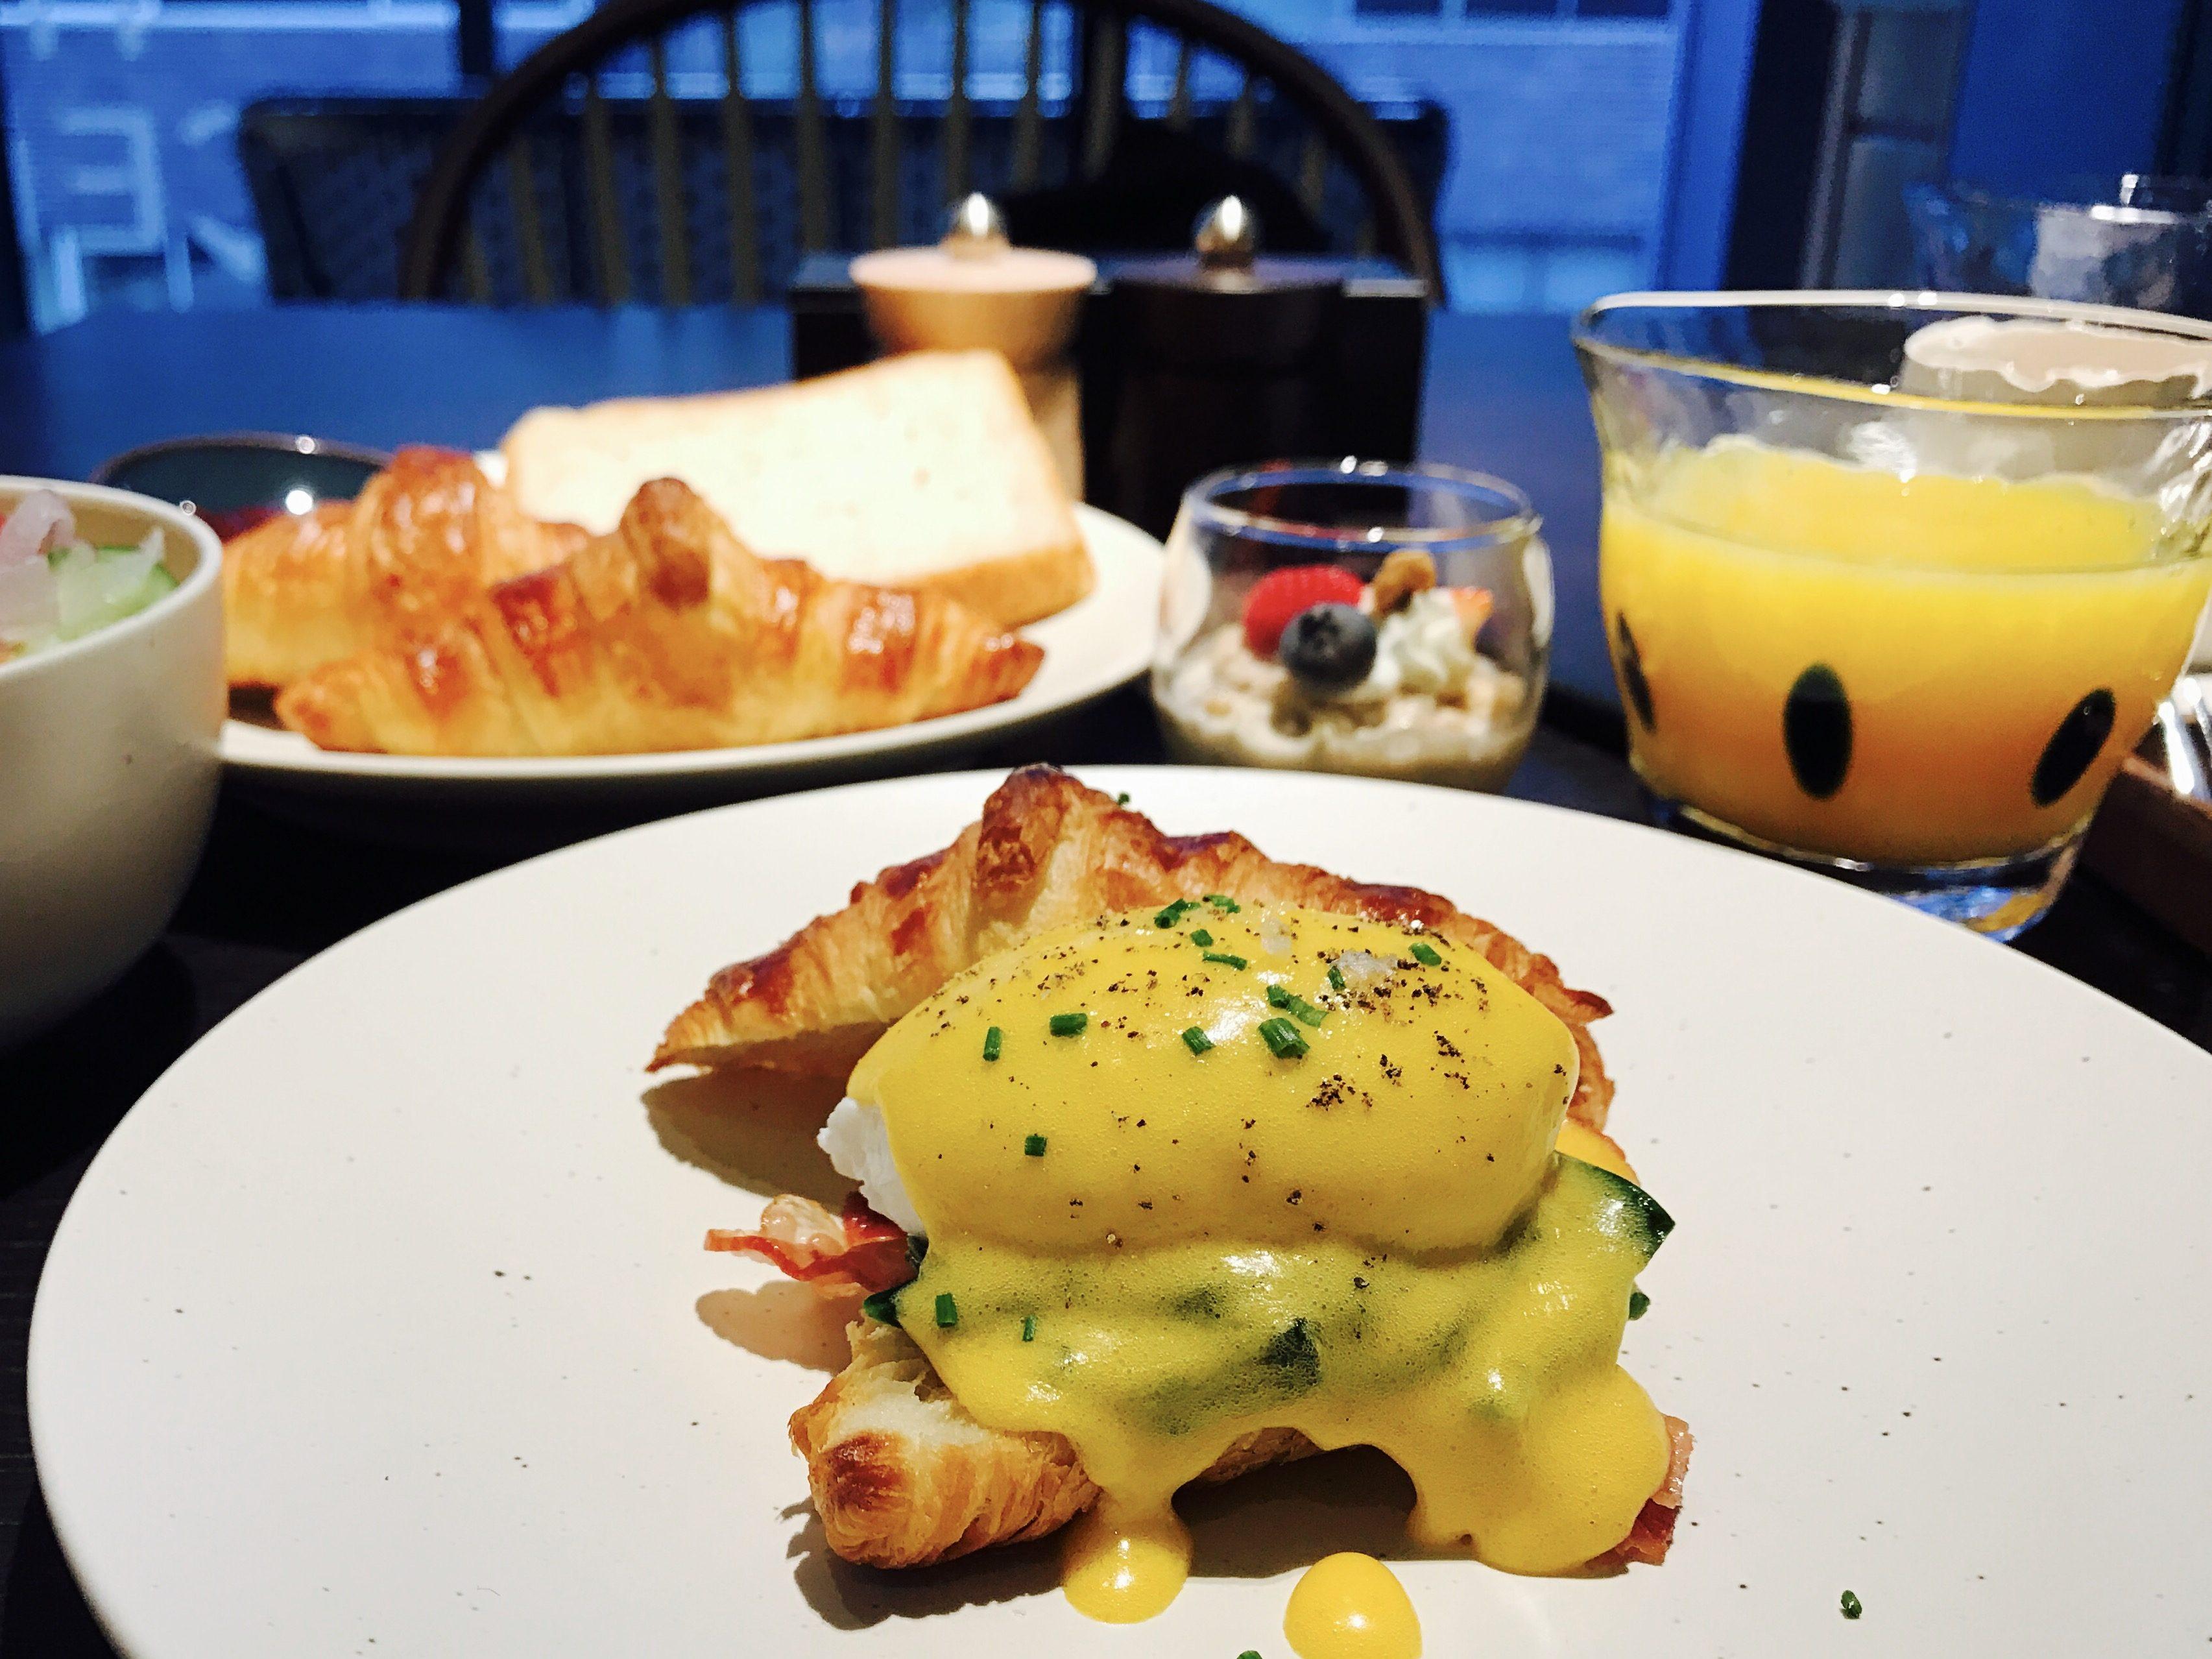 サックサク!とろとろ〜♪都内で一番美味しいエッグベネディクトはここ!ホテル朝食☆【ハイアットセントリック】